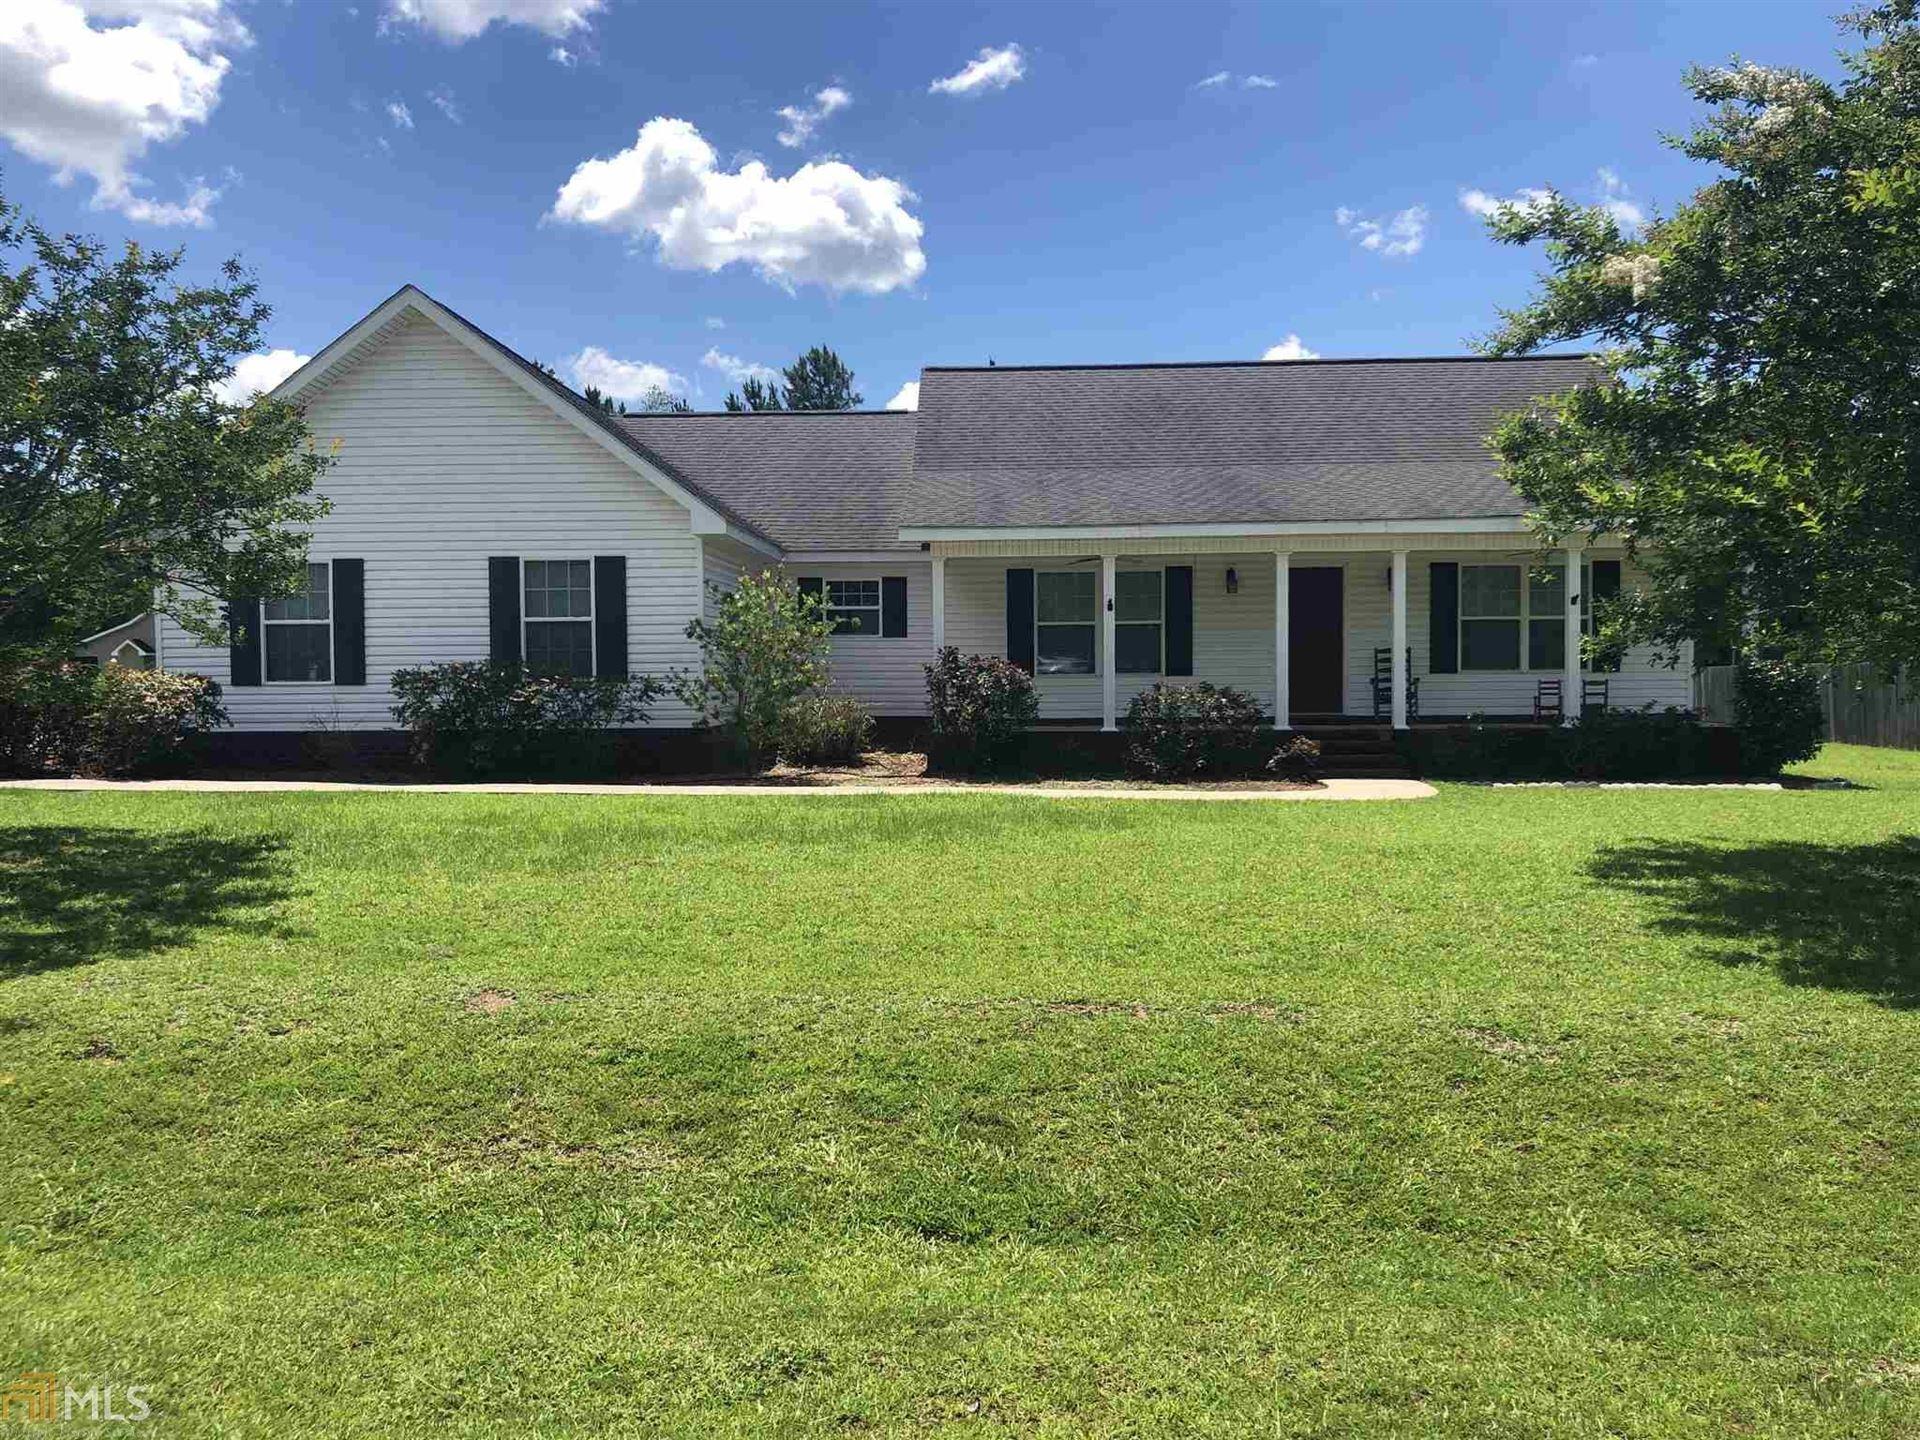 2808 Rusty Rd, Statesboro, GA 30461 - #: 8804234